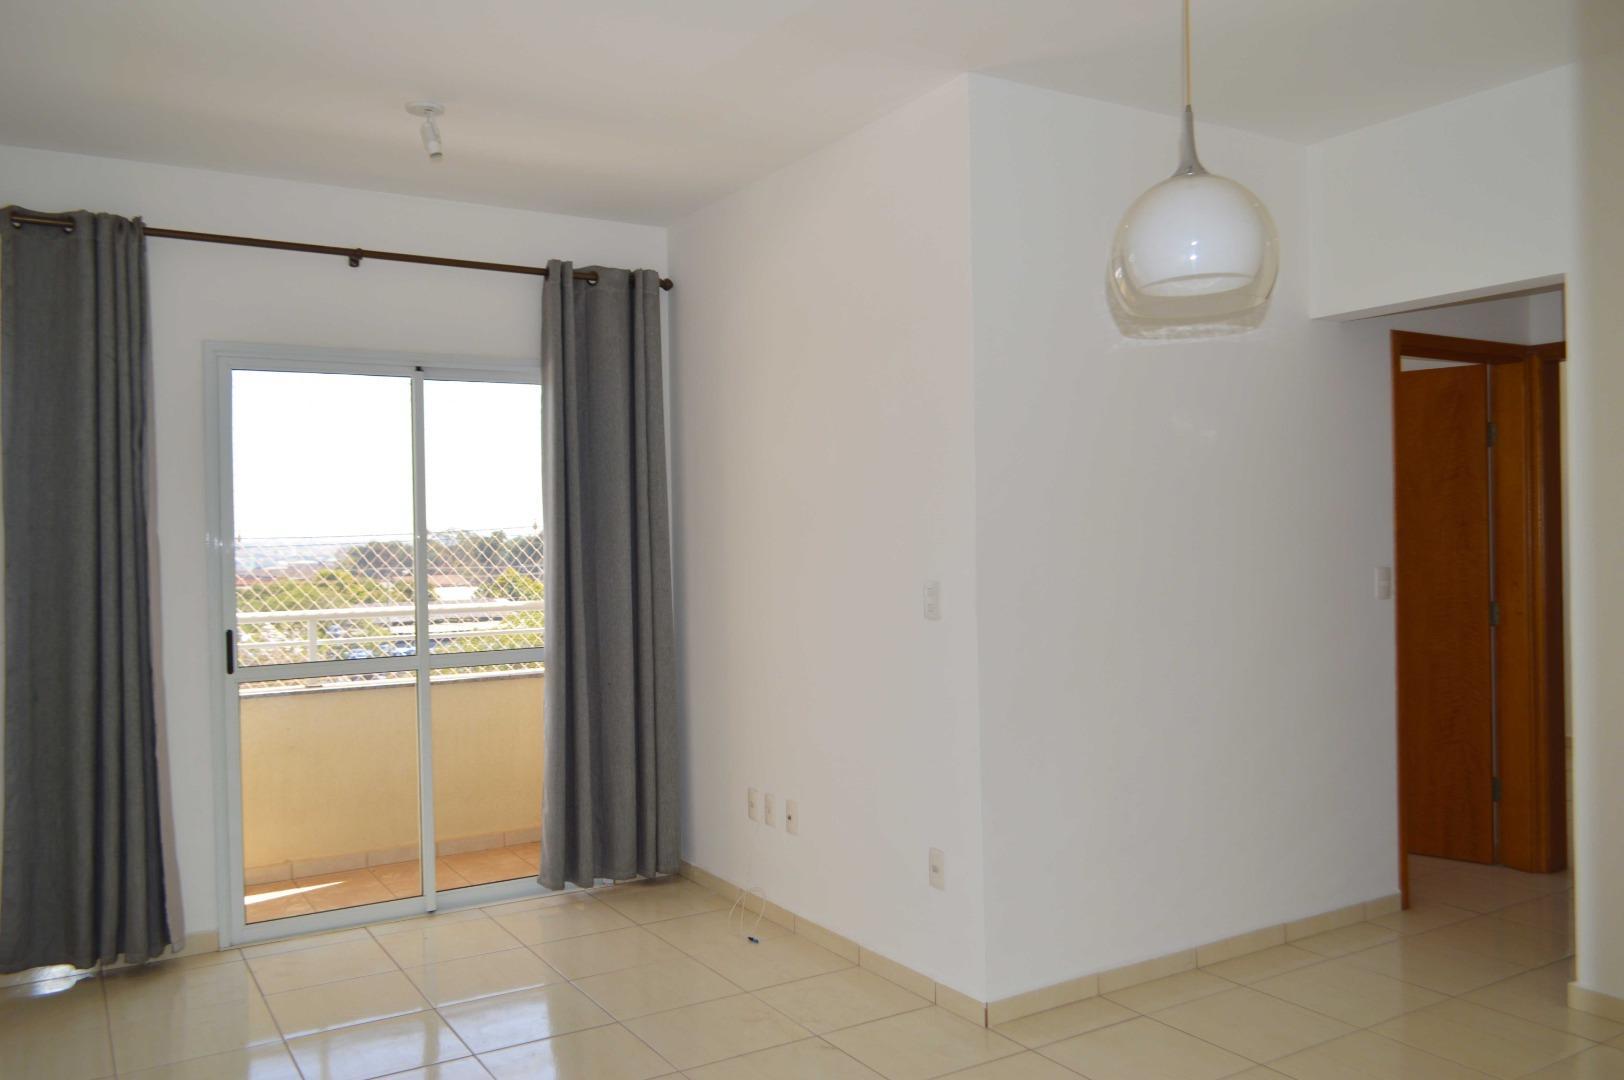 Apartamento com 2 dormitórios à venda, 58 m² por R$ 200.000 - Jardim Marajoara - Nova Odessa/SP